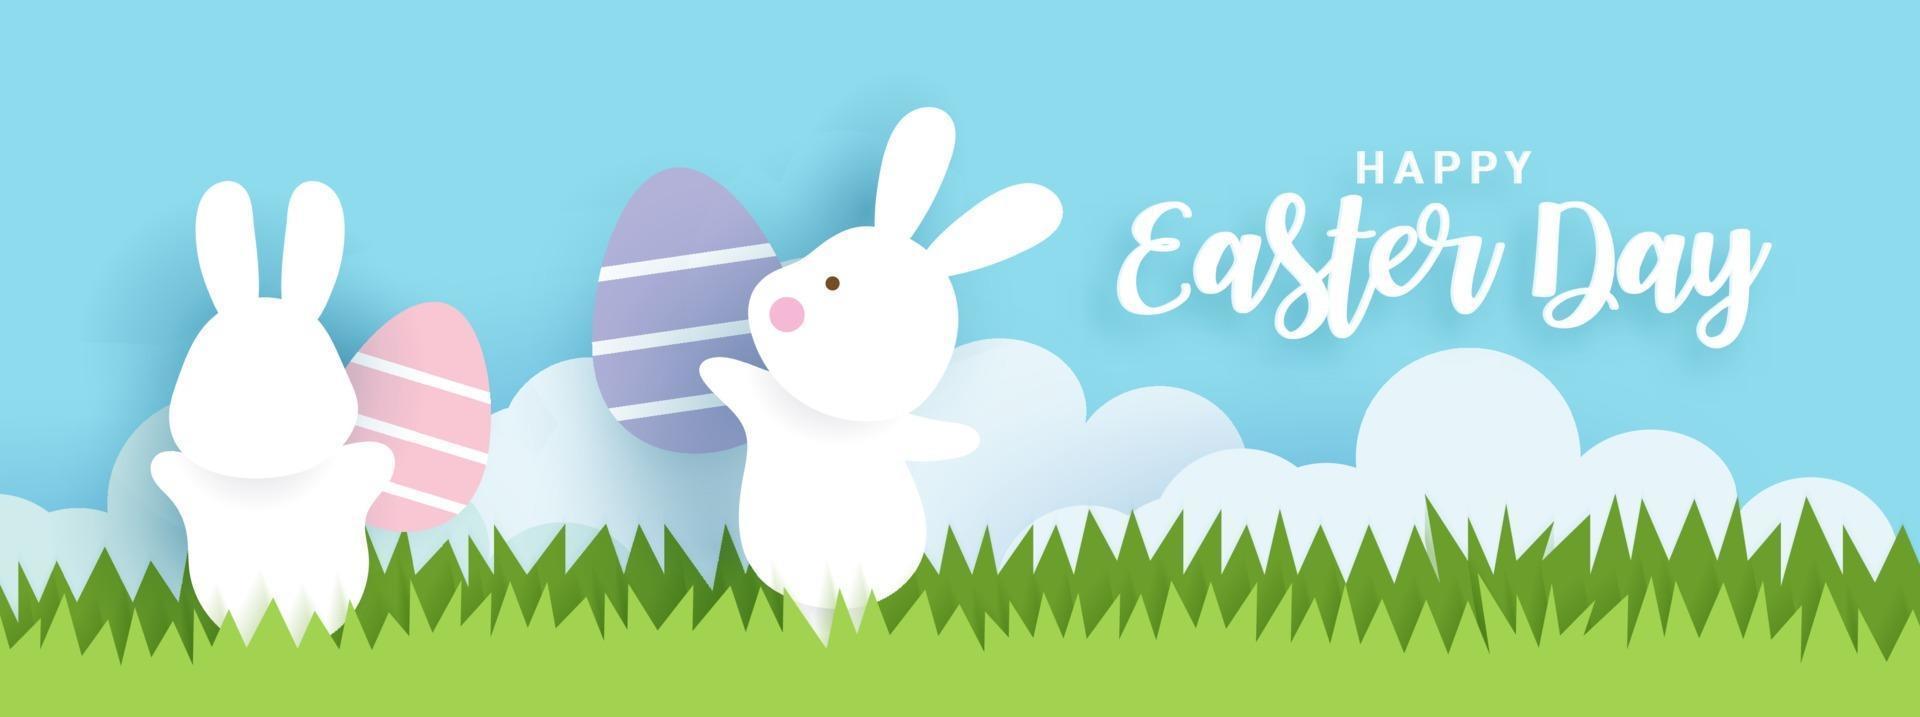 bannière et fond de jour de Pâques. vecteur